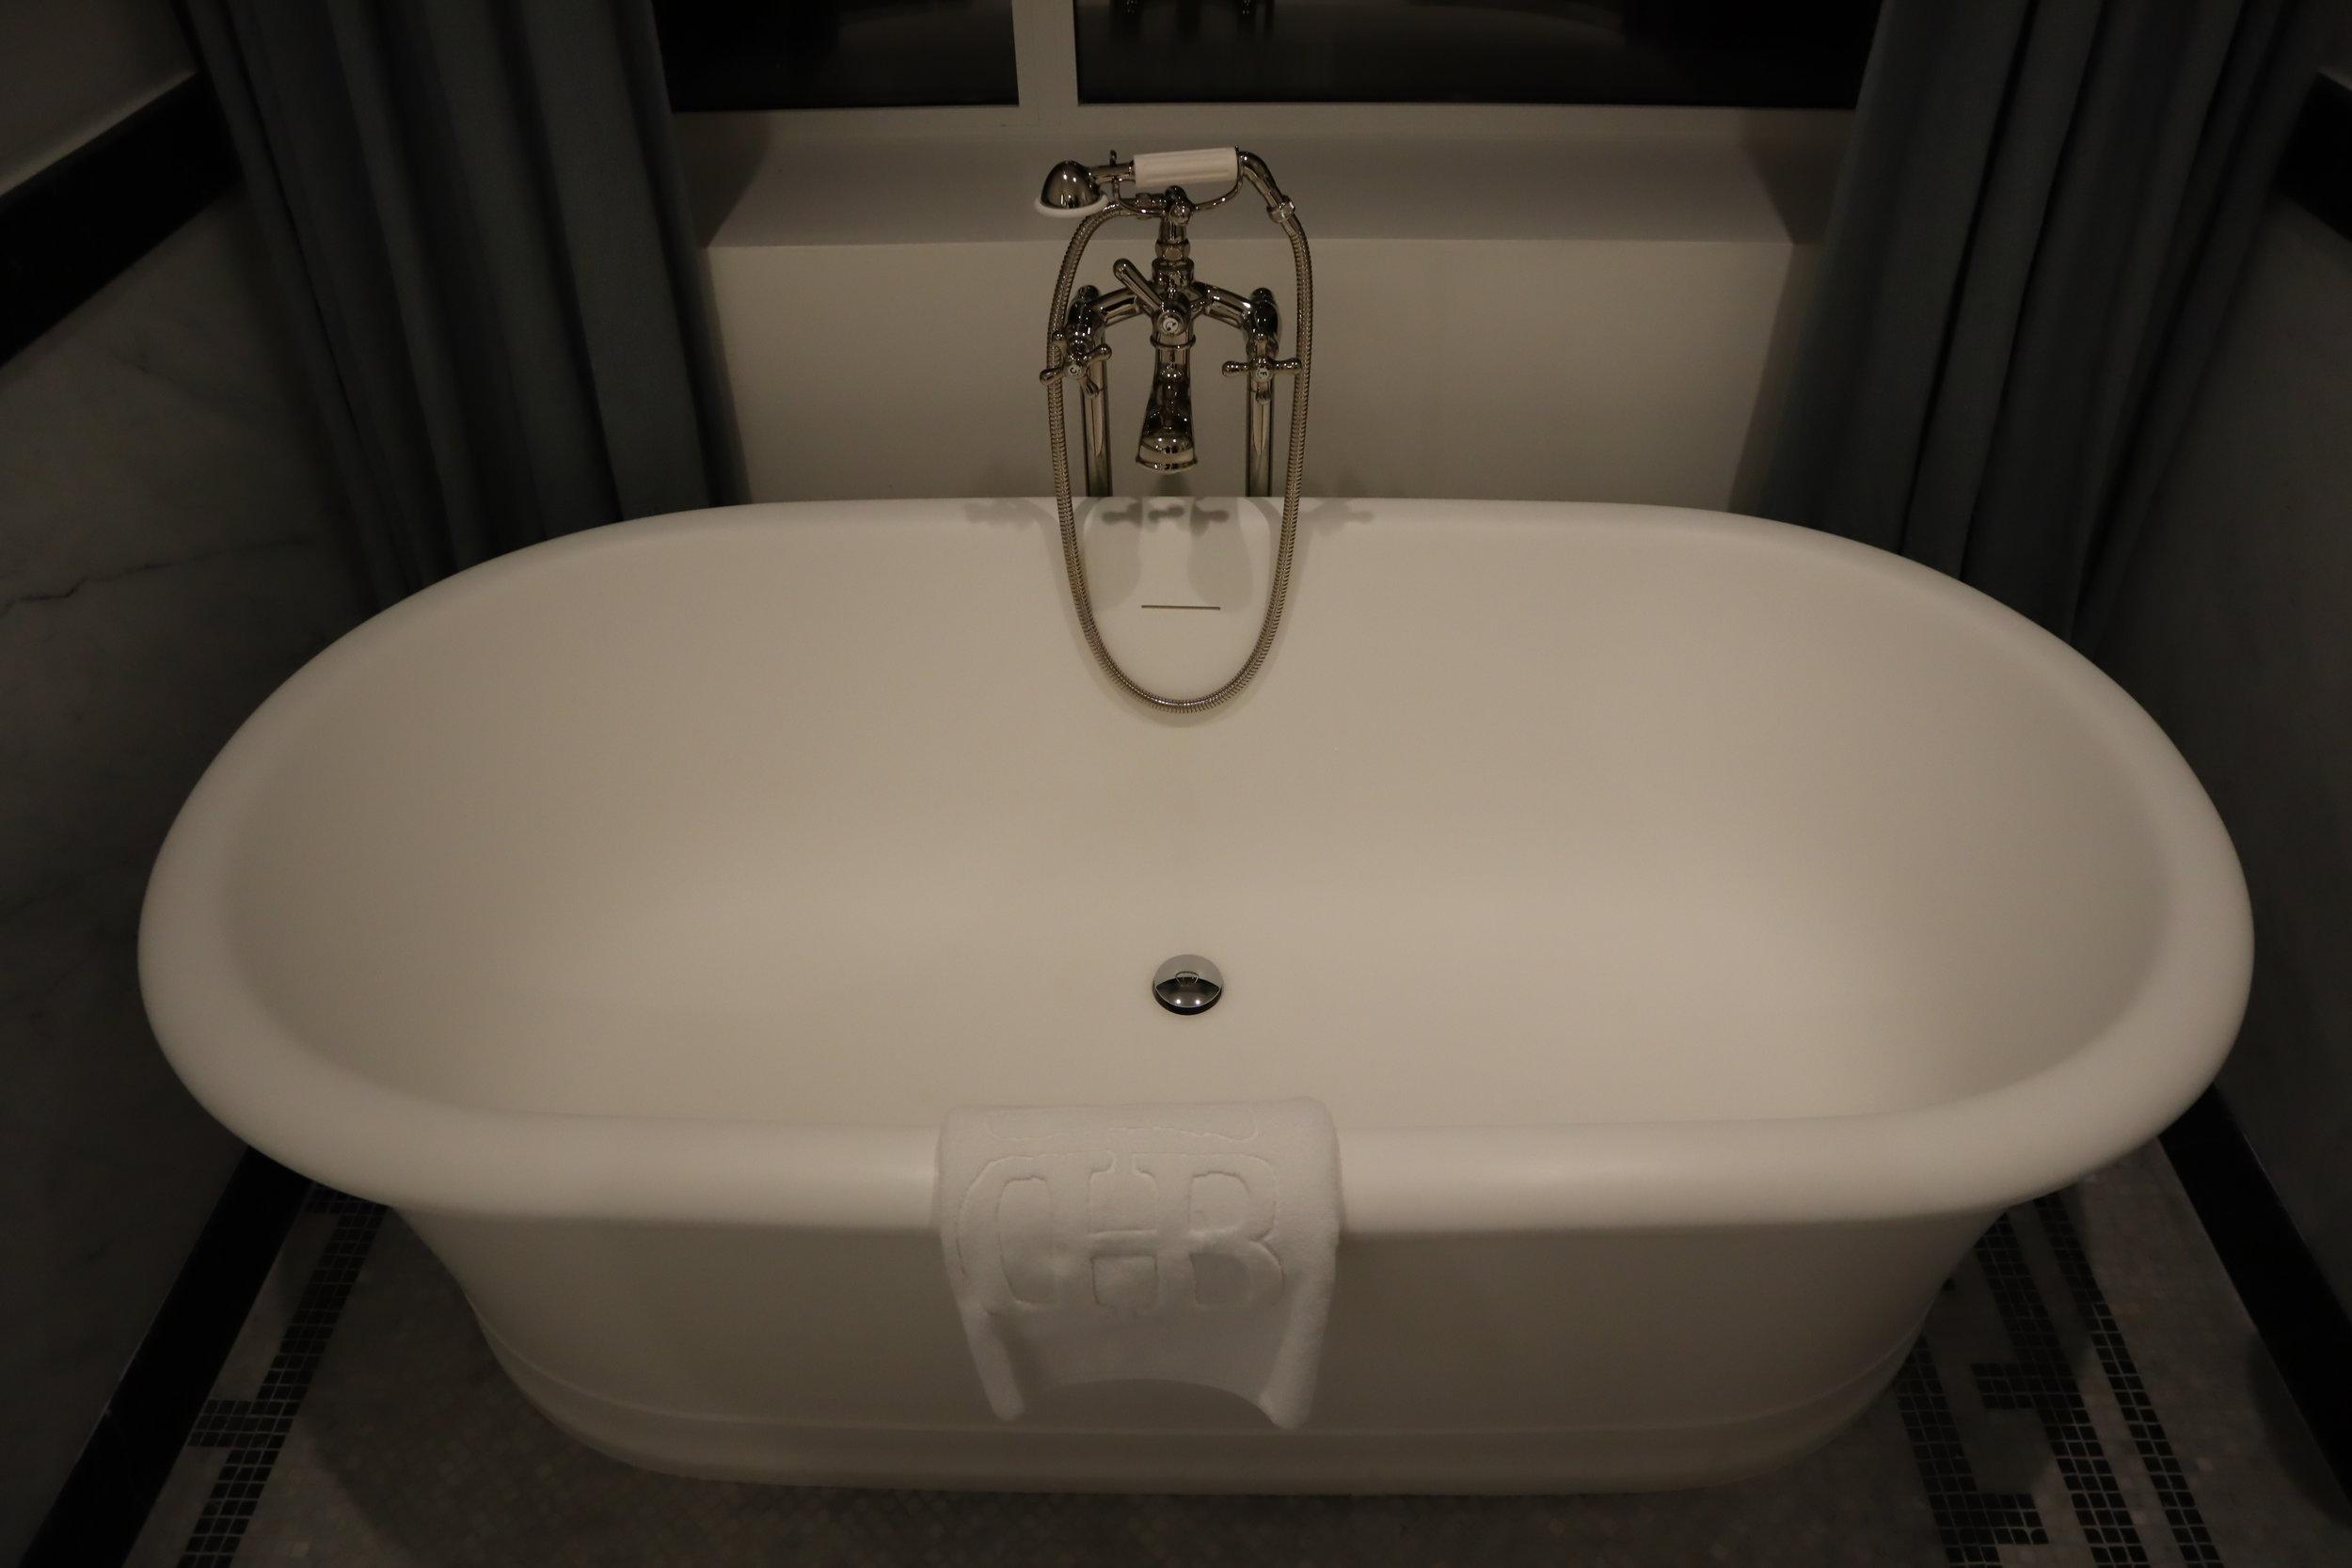 Hôtel de Berri Paris – Berri Suite bathtub